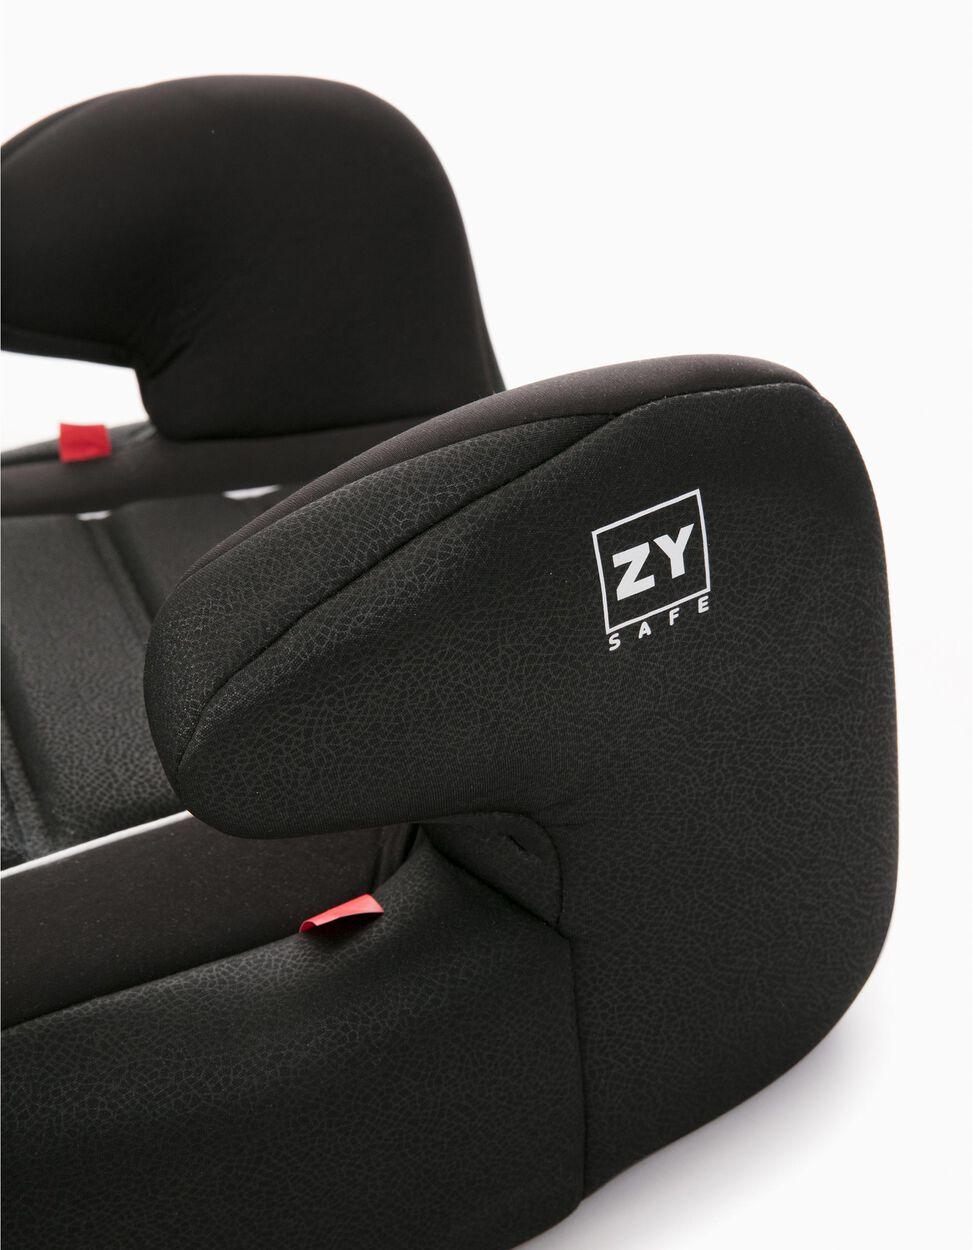 Asiento Elevable Primecare Prestige Zy Safe